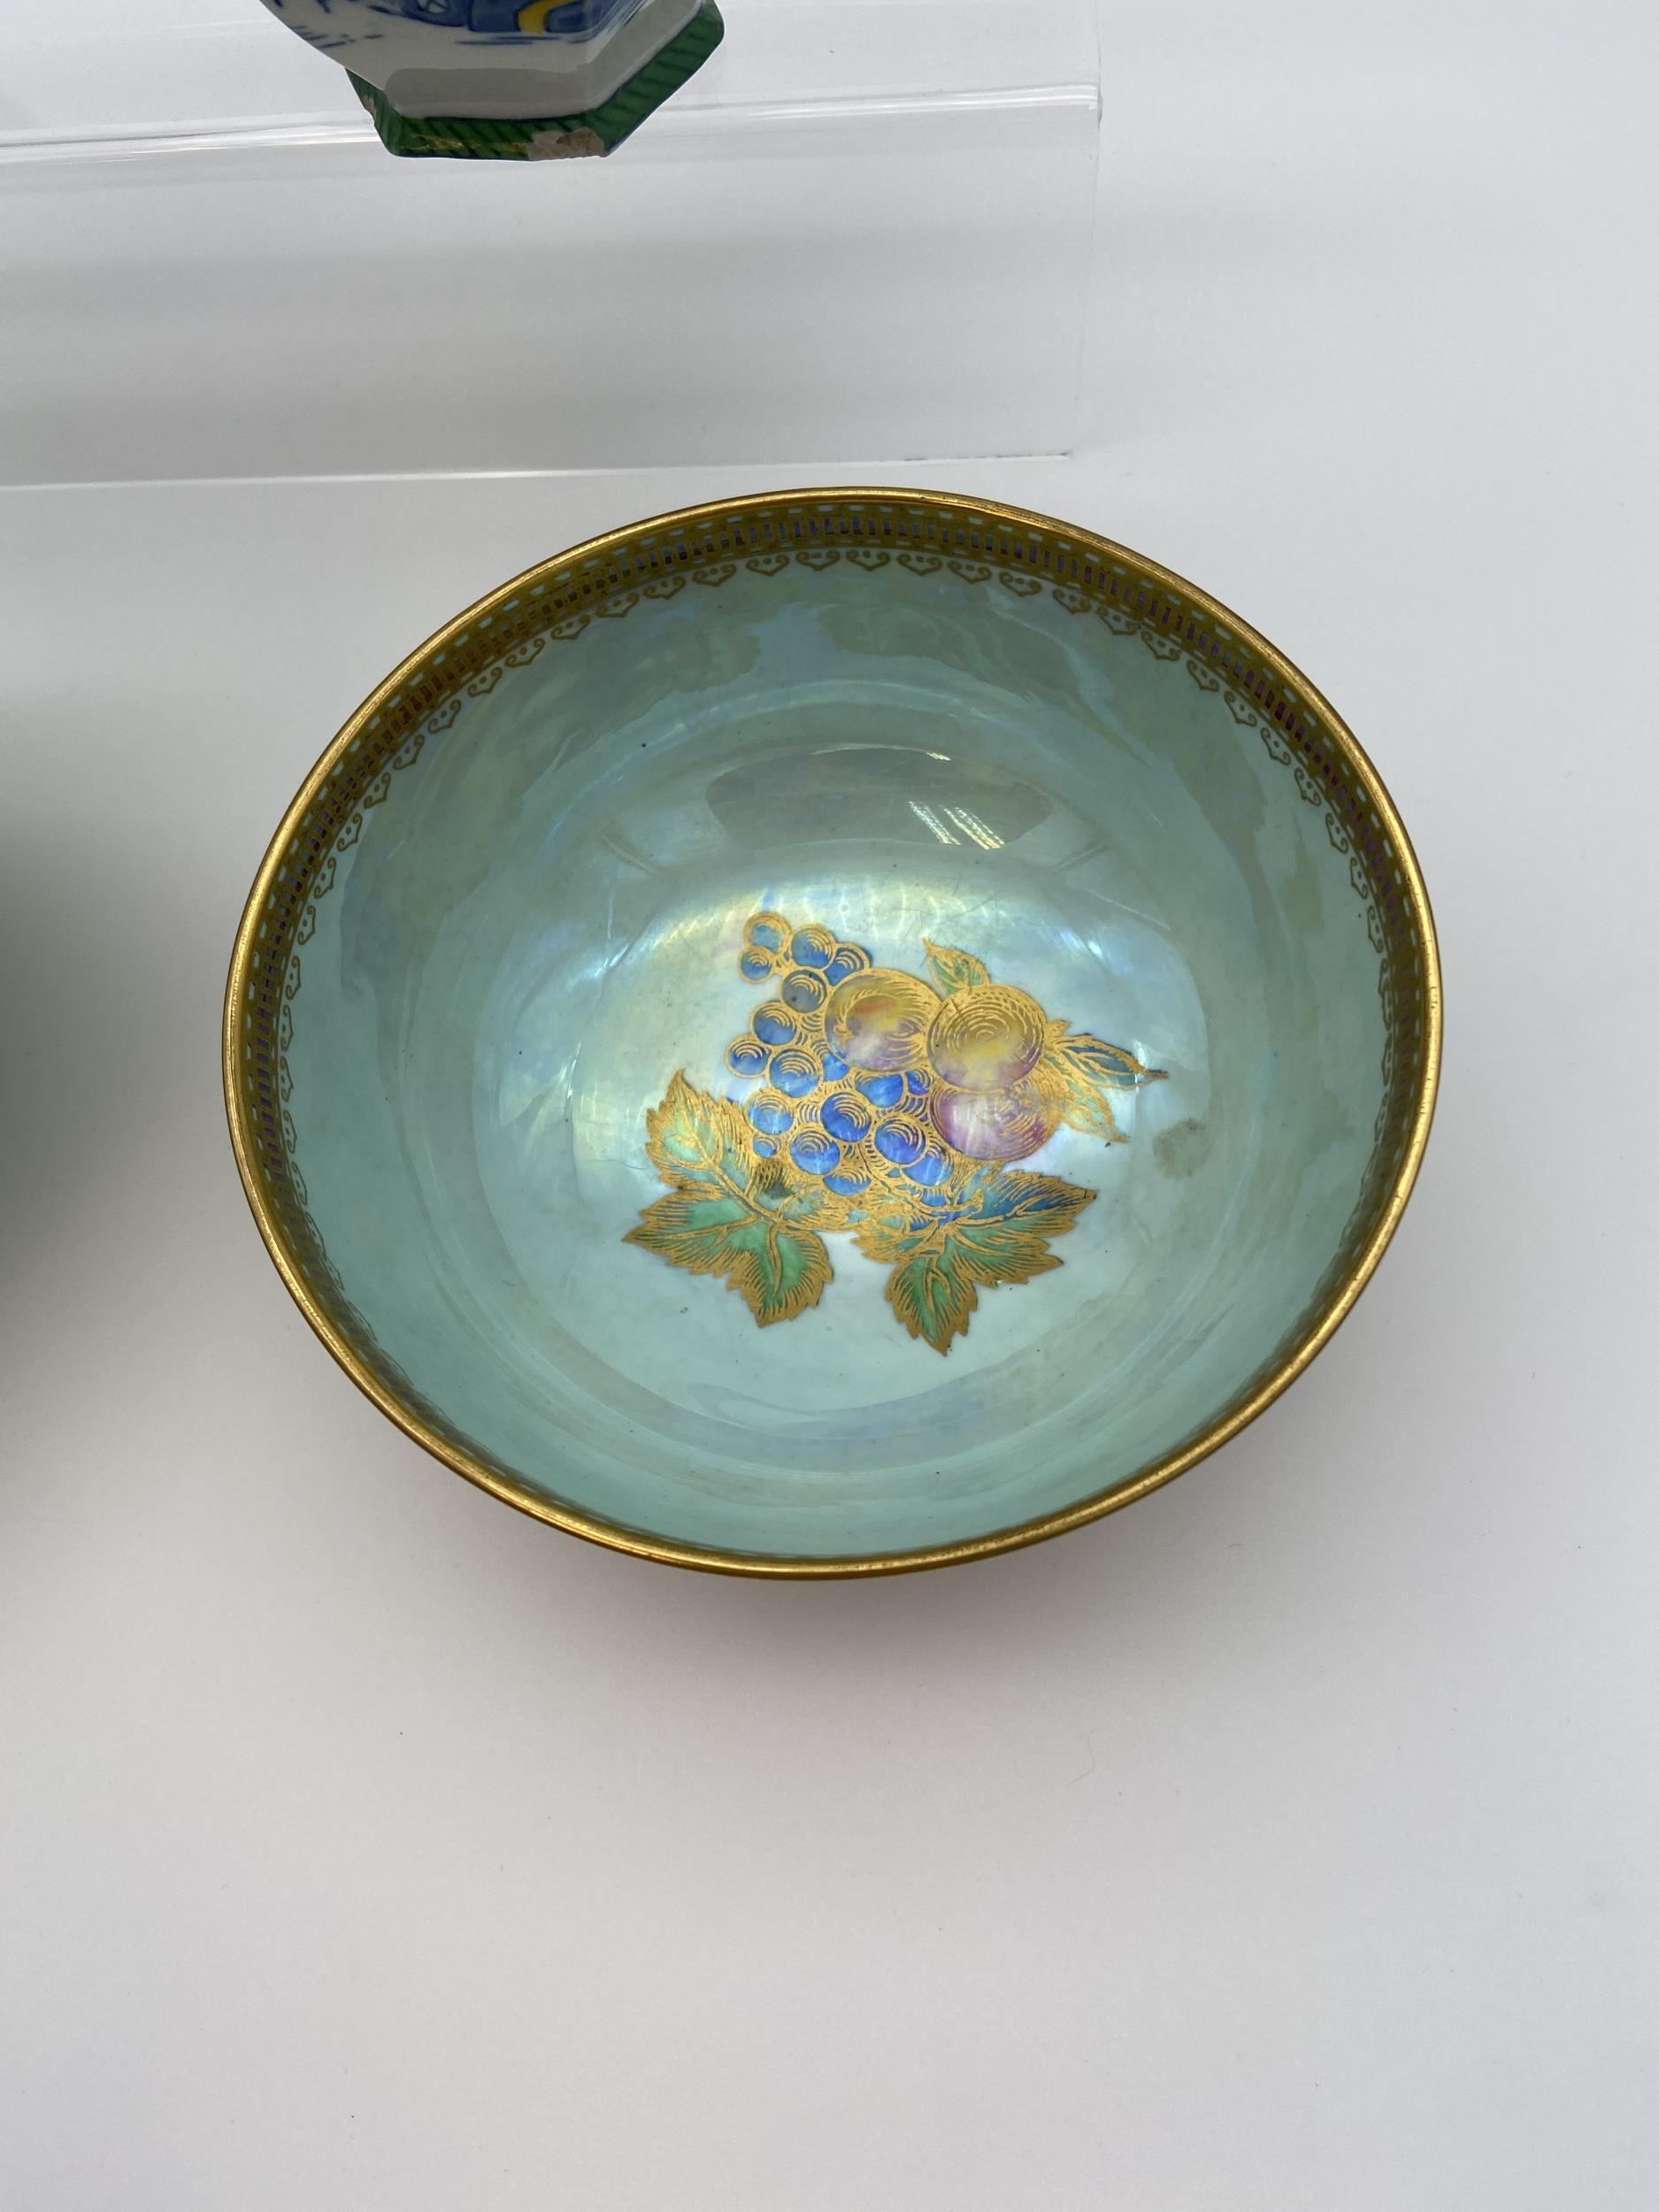 Maling crane design bowl, Wedgwood lustre fruit pattern bowl, Royal Worcester water jug [as found] & - Image 4 of 9